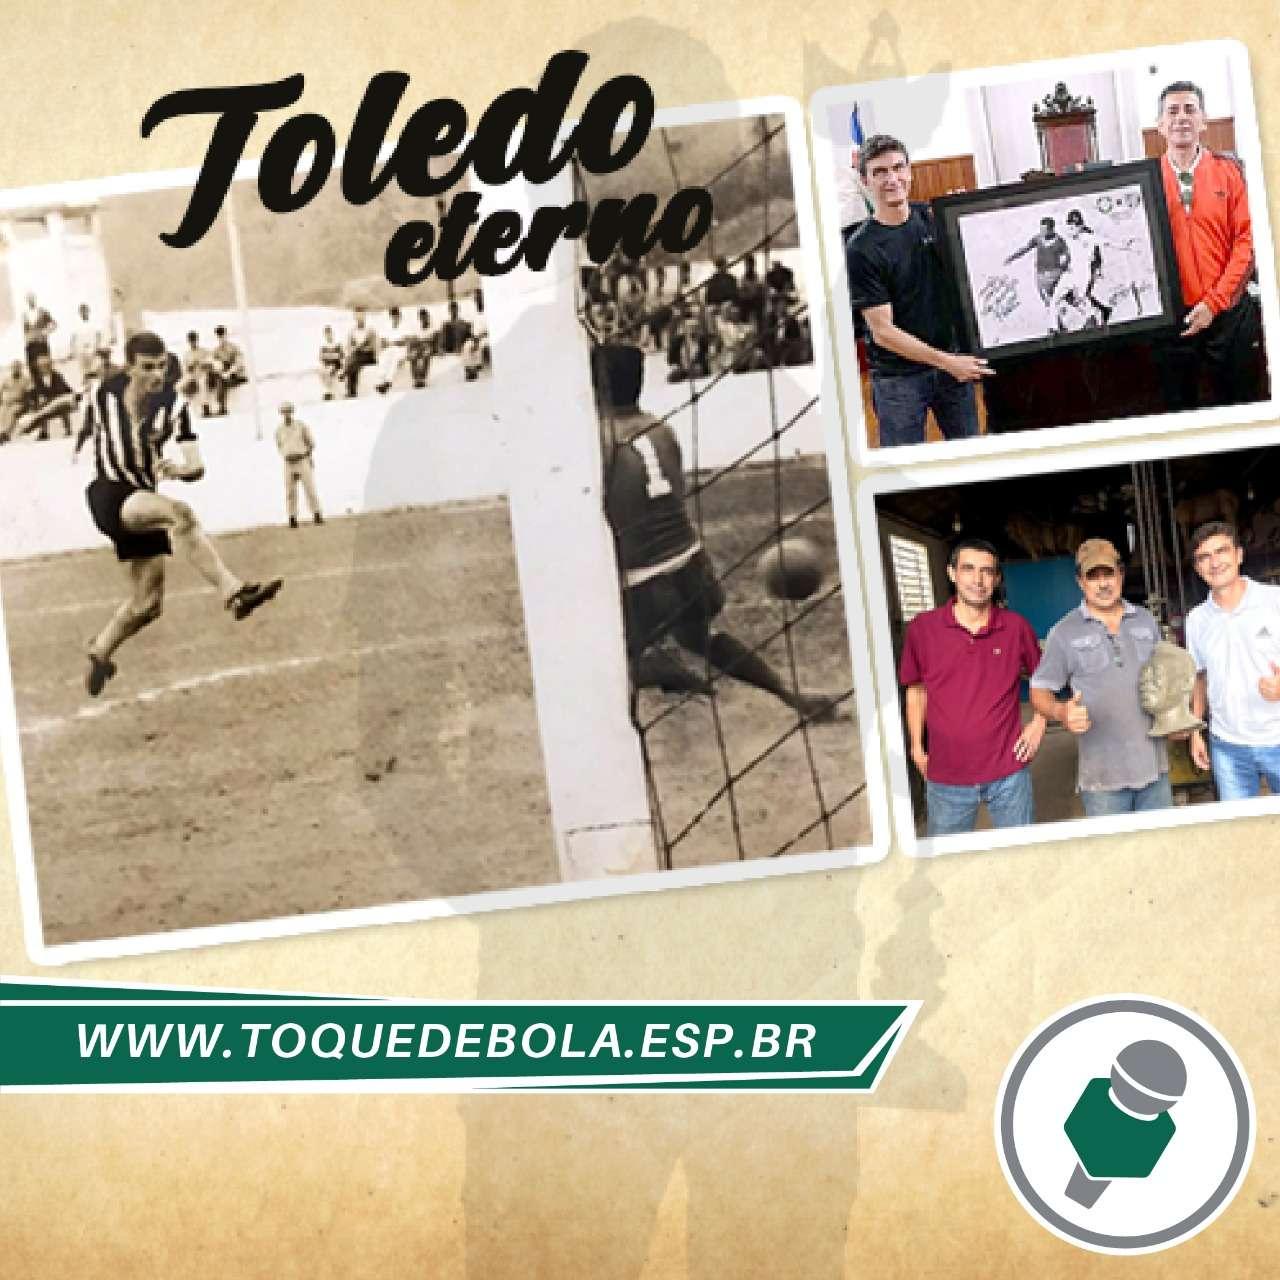 Exclusiva do Toque de Bola: veja como será a estátua de Moacyr Toledo!